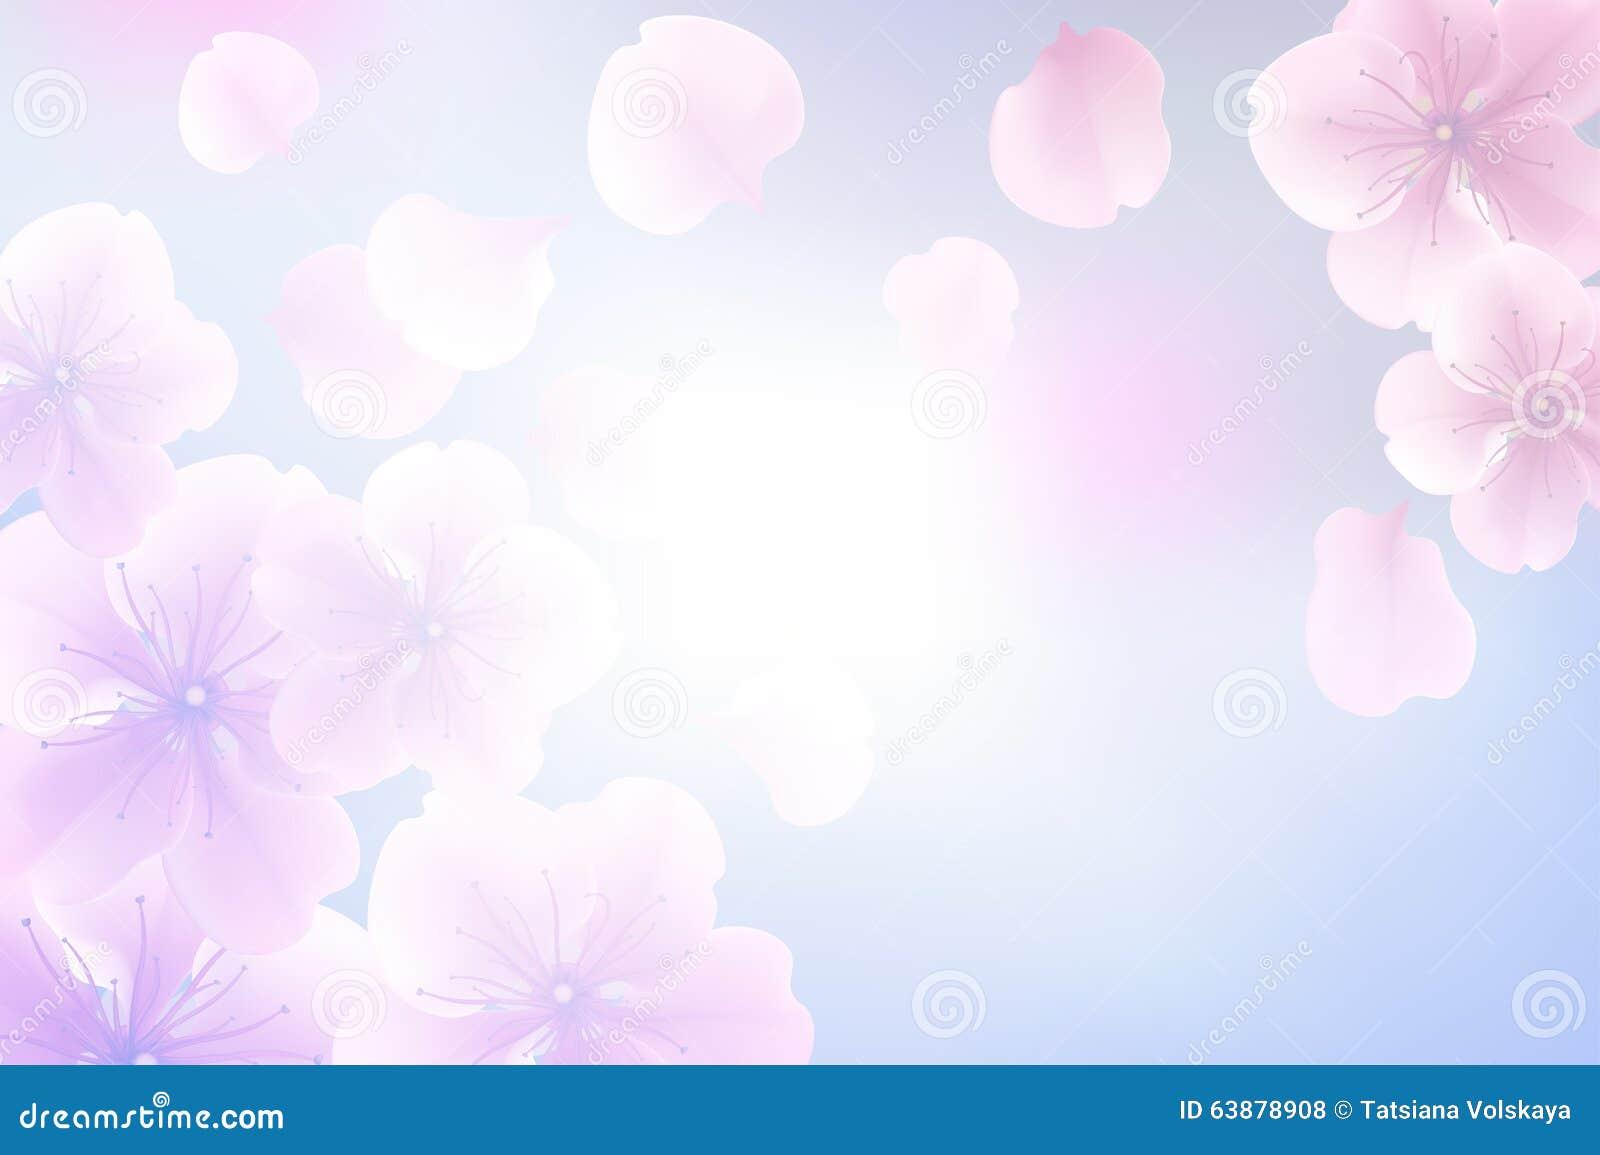 Tache Floue En Pastel De Fleur Abstraite Pour Le Concept De